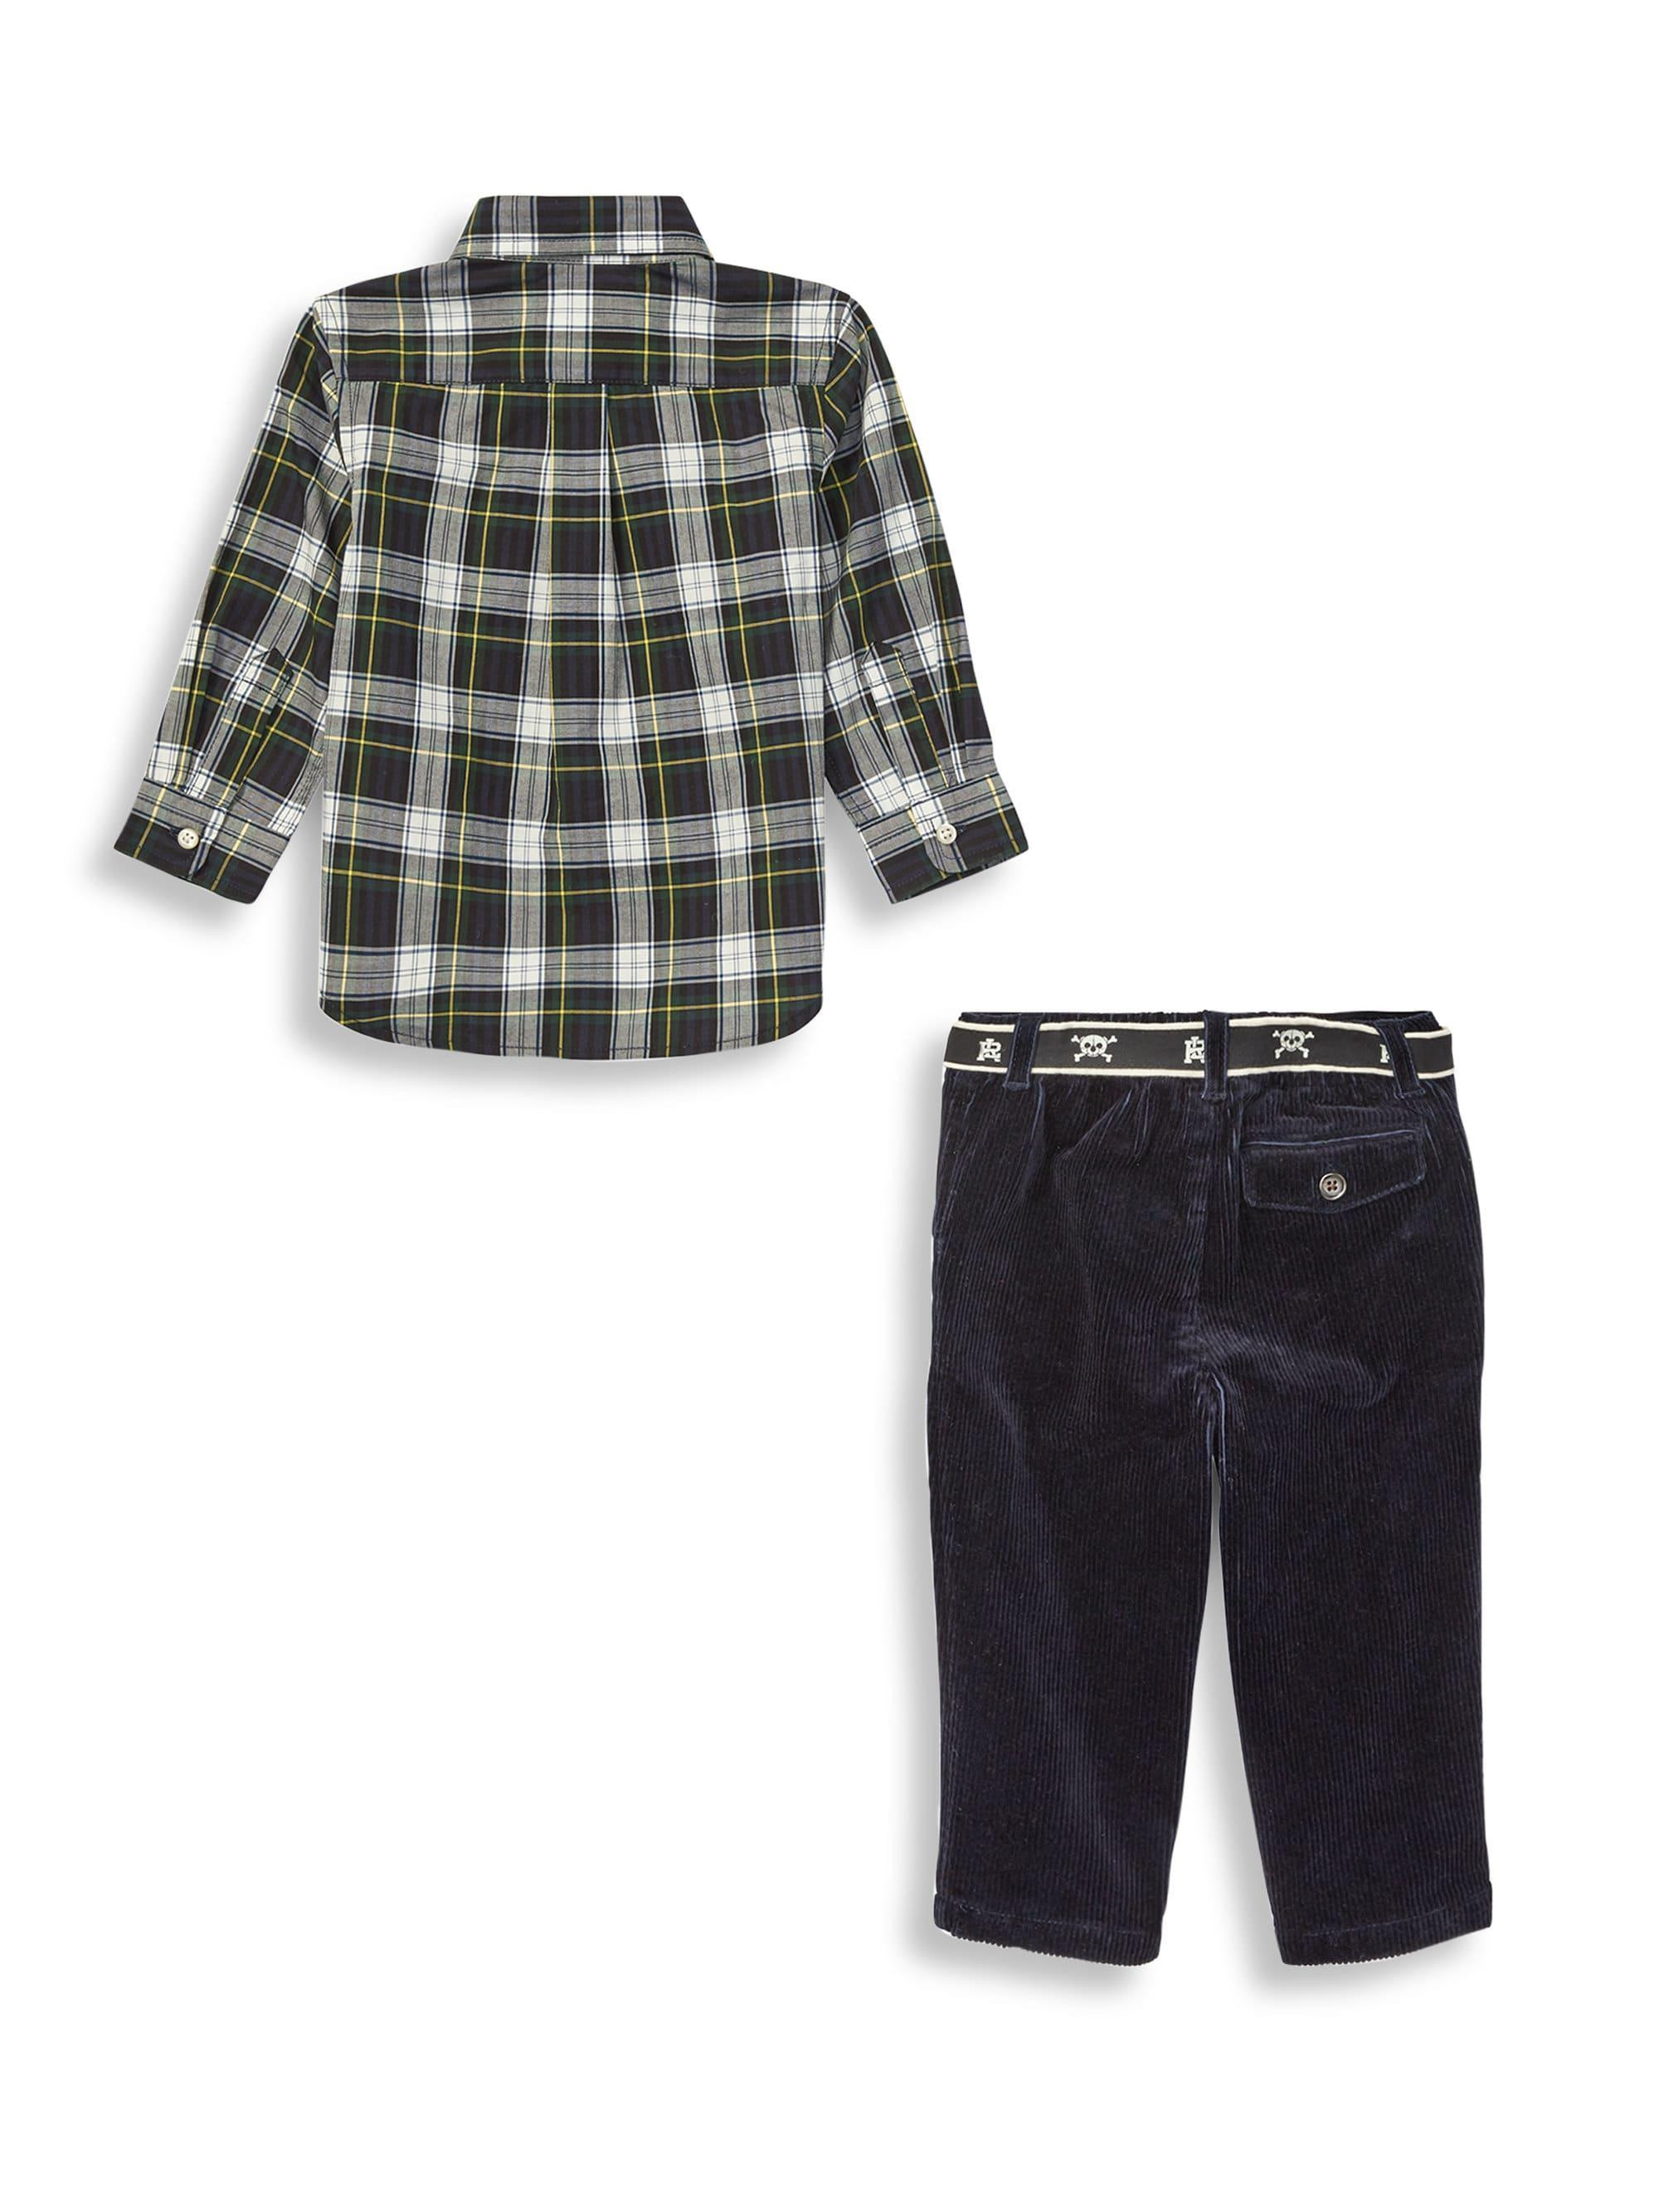 d7b5432b Ralph Lauren Black Baby Boy's 3-piece Plaid Shirt, Pants & Belt Set - White  Multi for men